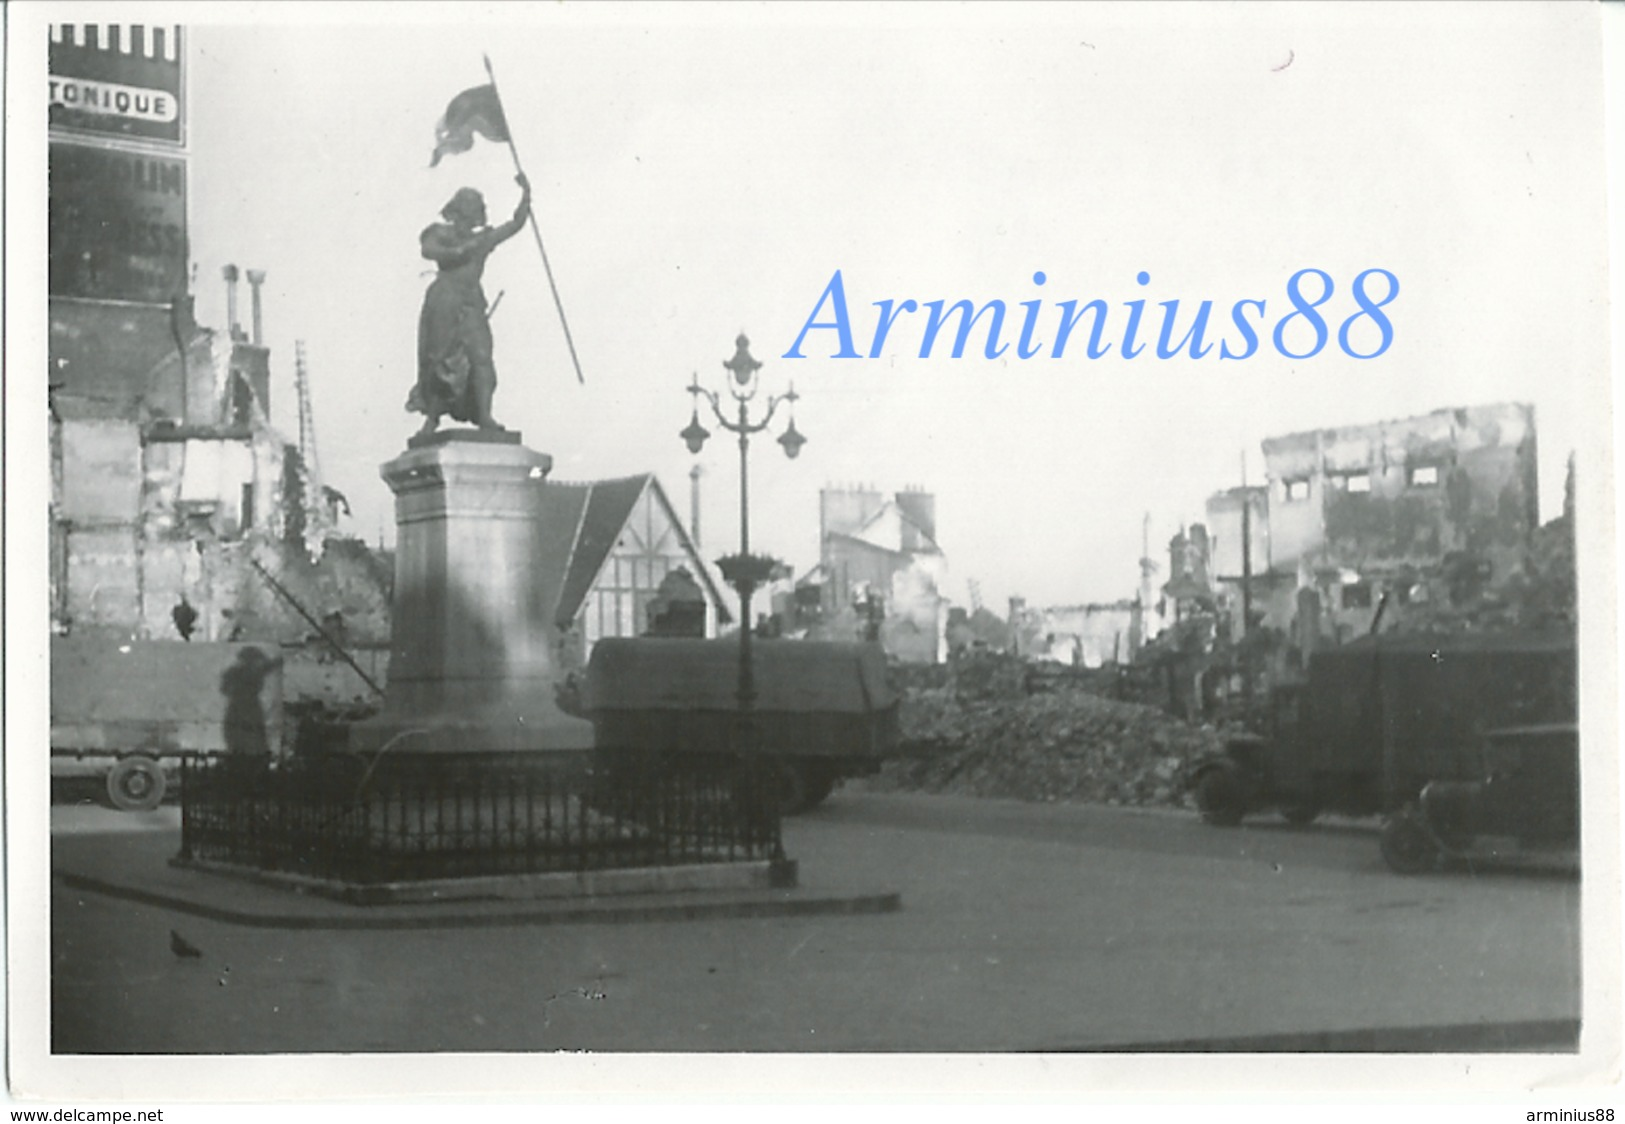 Campagne De France 1940 - Compiègne - Place De L'hôtel De Ville - Statue De Jeanne D'arc - Wehrmacht Im Vormarsch - Guerra, Militari